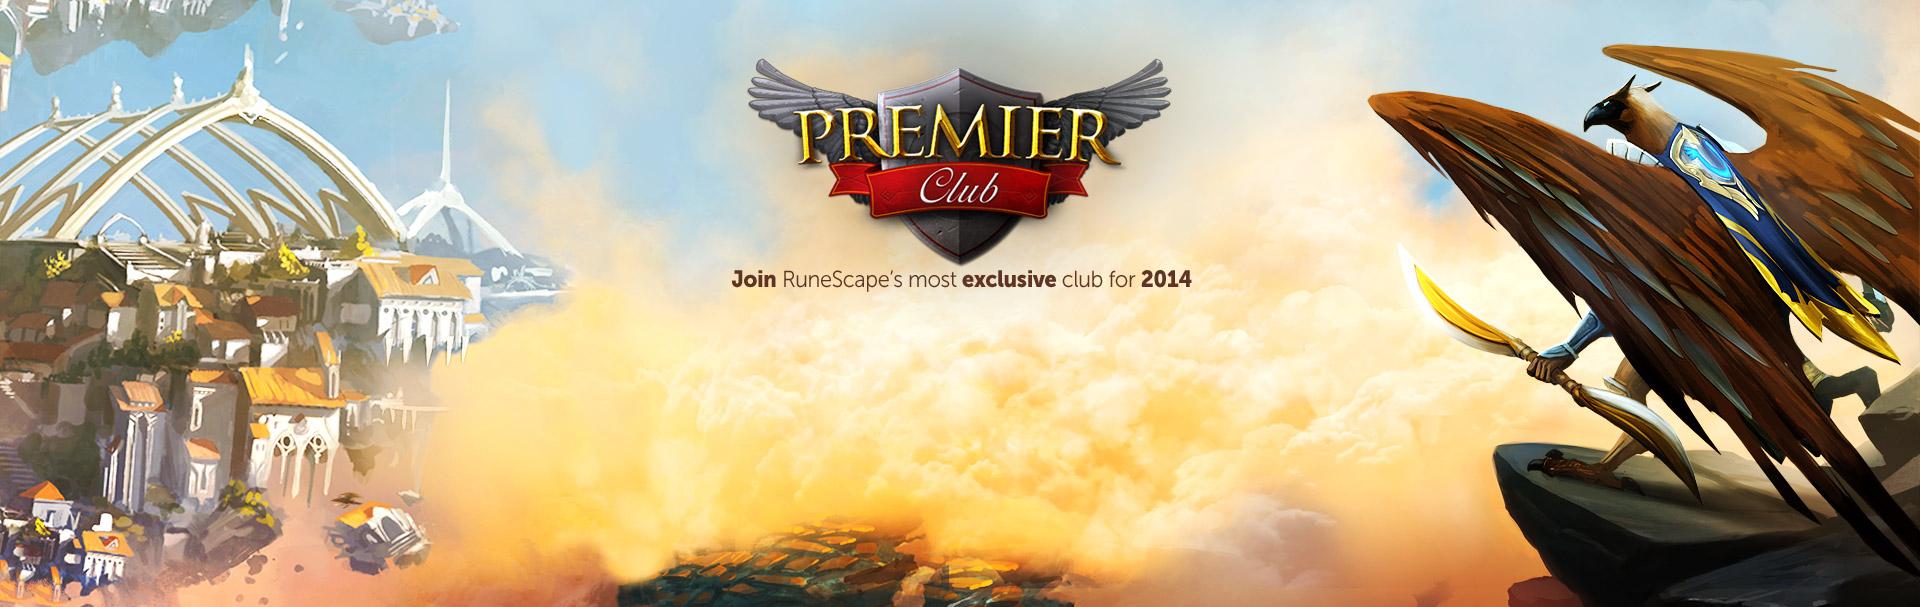 Premier Club | RuneScape Wiki | FANDOM powered by Wikia